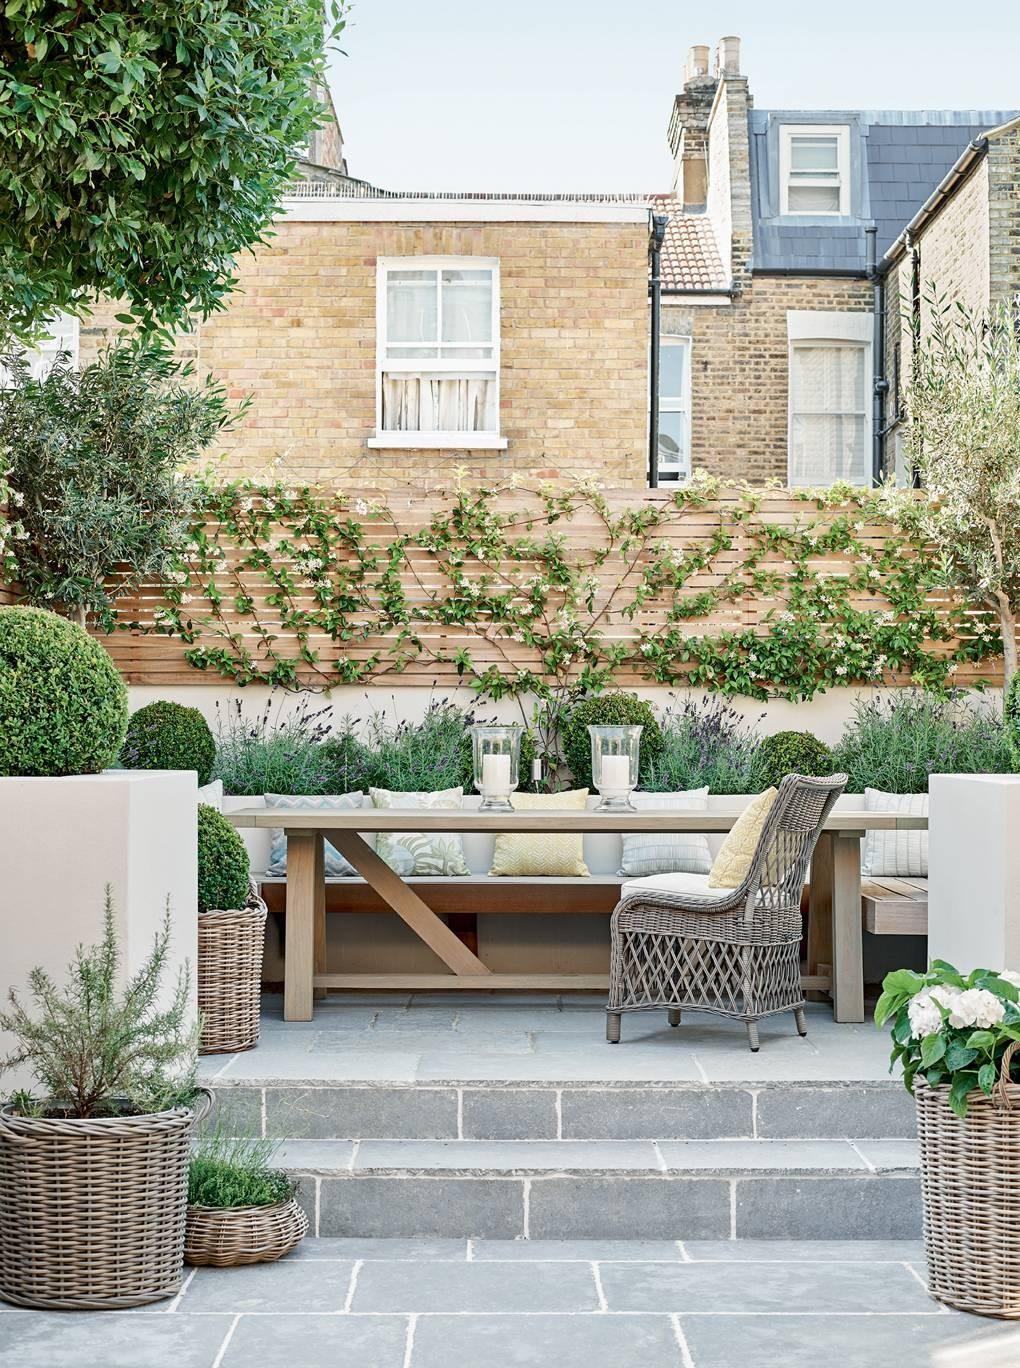 كيفية عمل حديقة منزلية صغيرة - حدائق بها مكان للجلوس5